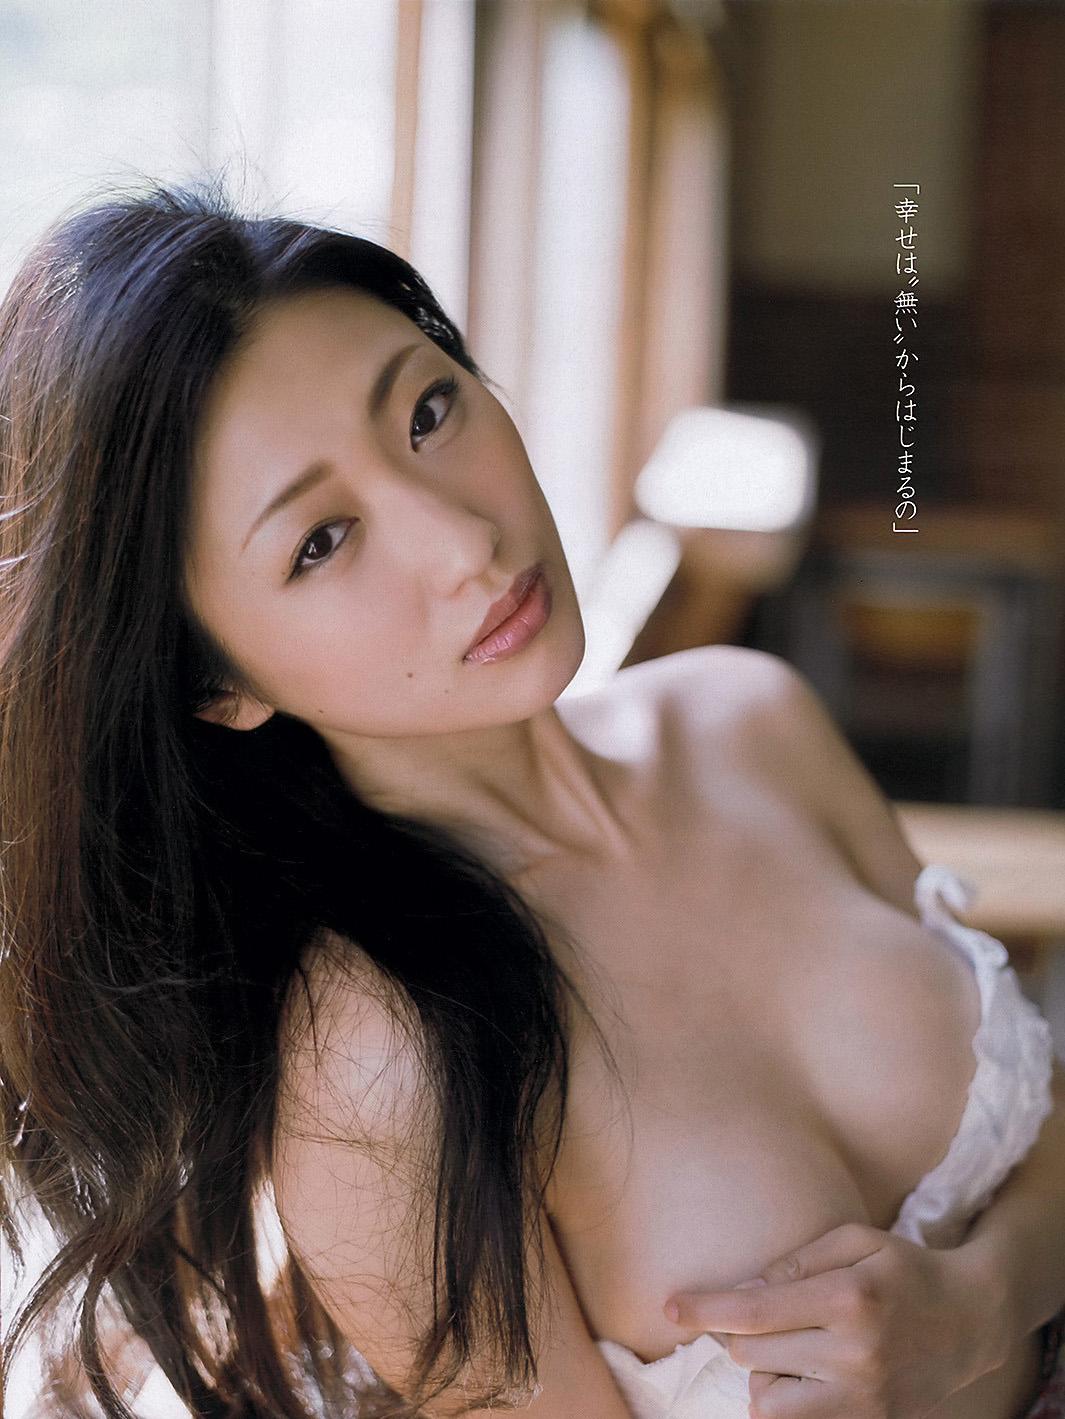 壇蜜 グラビア ヌード画像 34